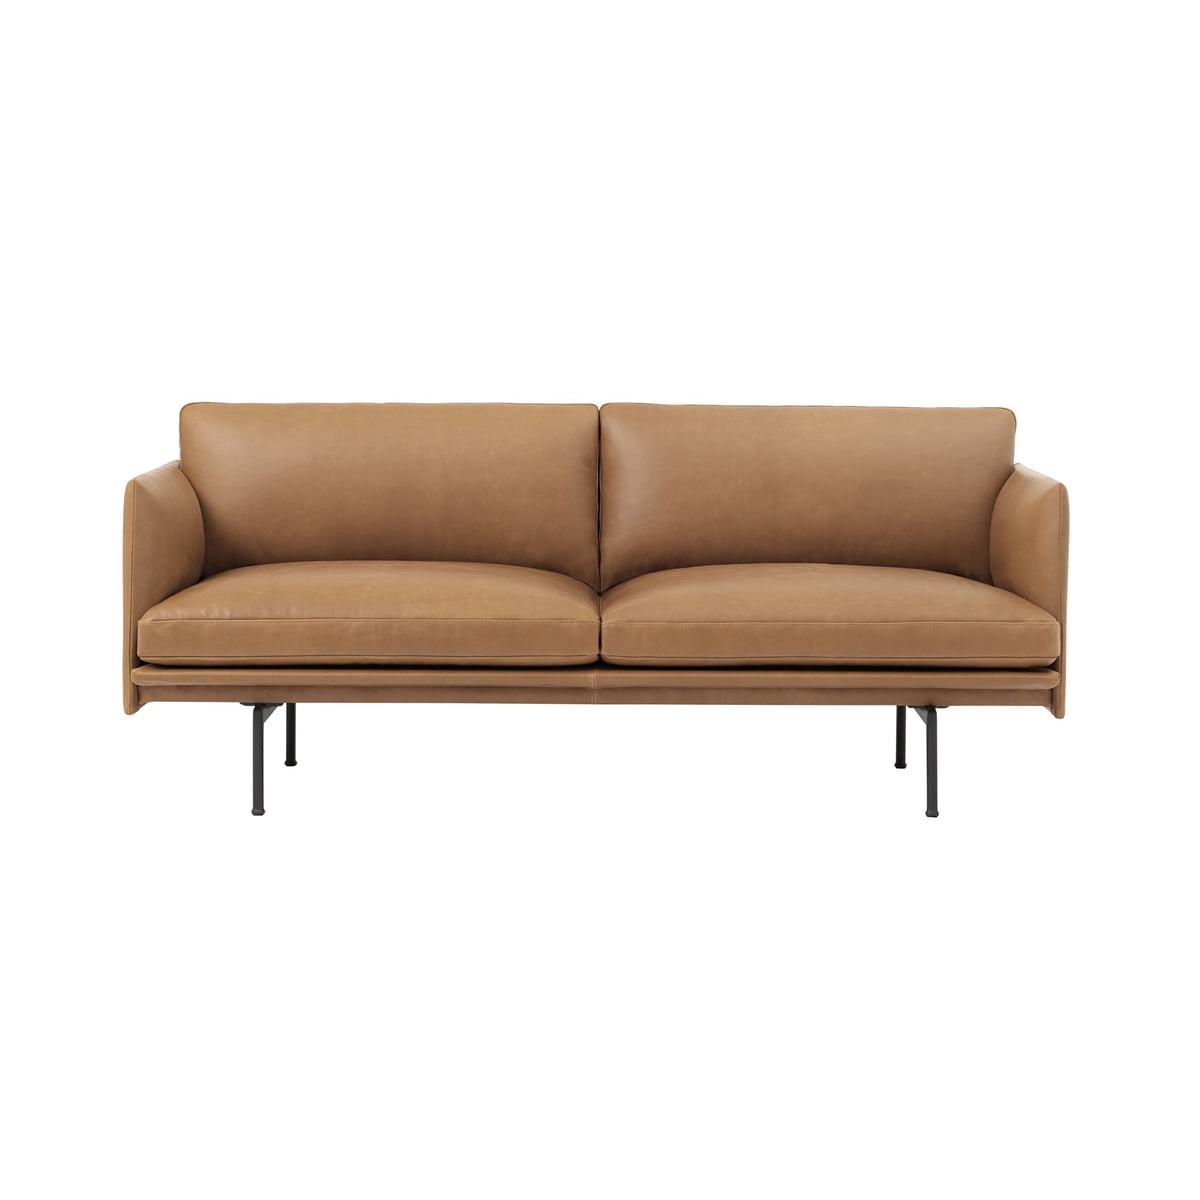 outline sofa 2 sitzer leder von muuto. Black Bedroom Furniture Sets. Home Design Ideas